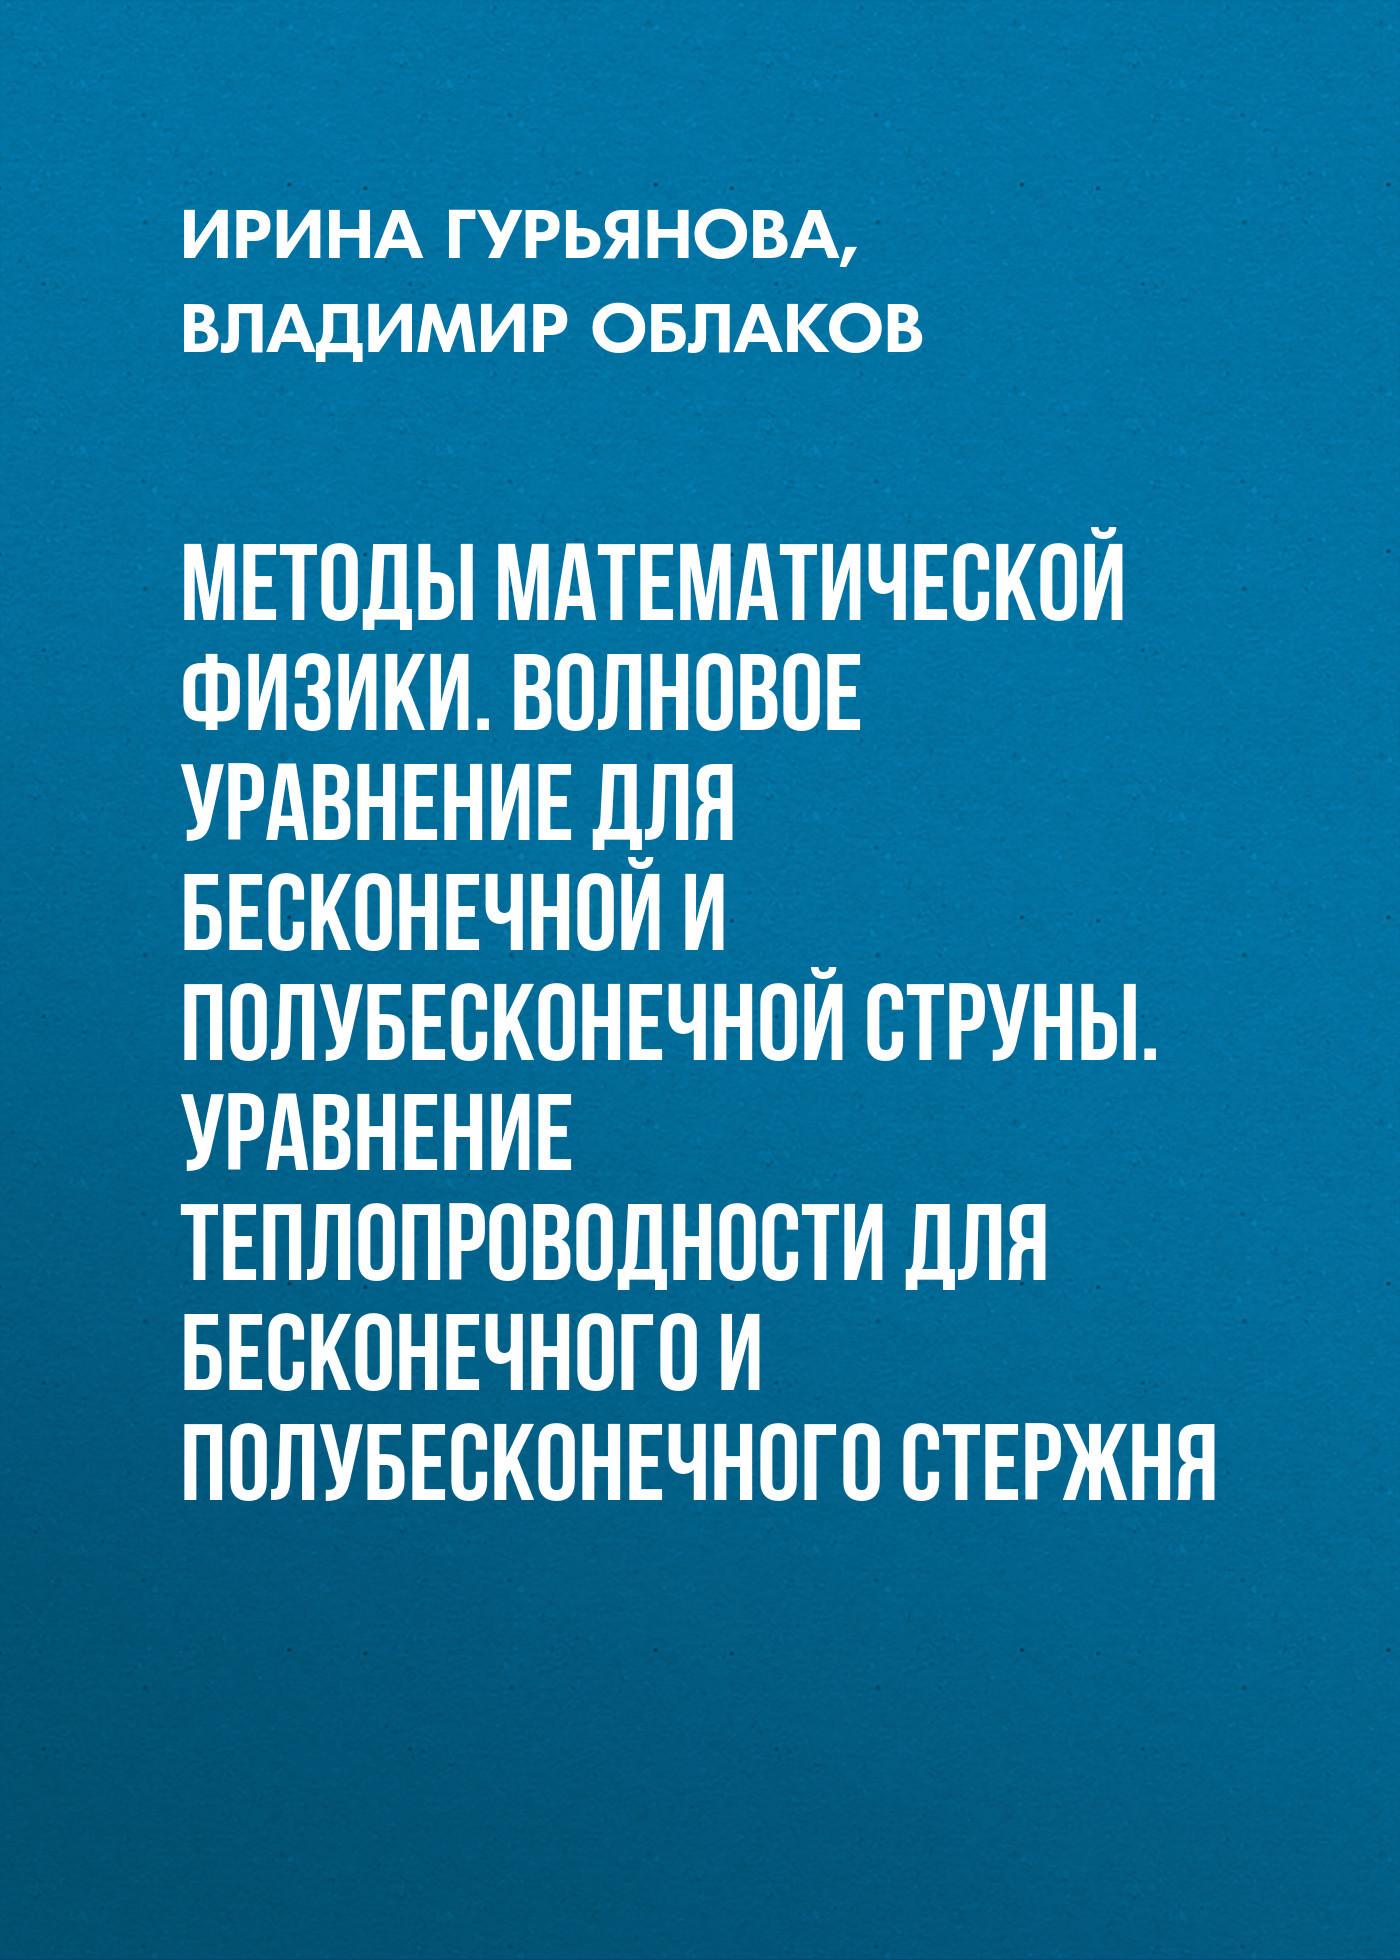 Ирина Гурьянова Методы математической физики. Волновое уравнение для бесконечной и полубесконечной струны. Уравнение теплопроводности для бесконечного и полубесконечного стержня